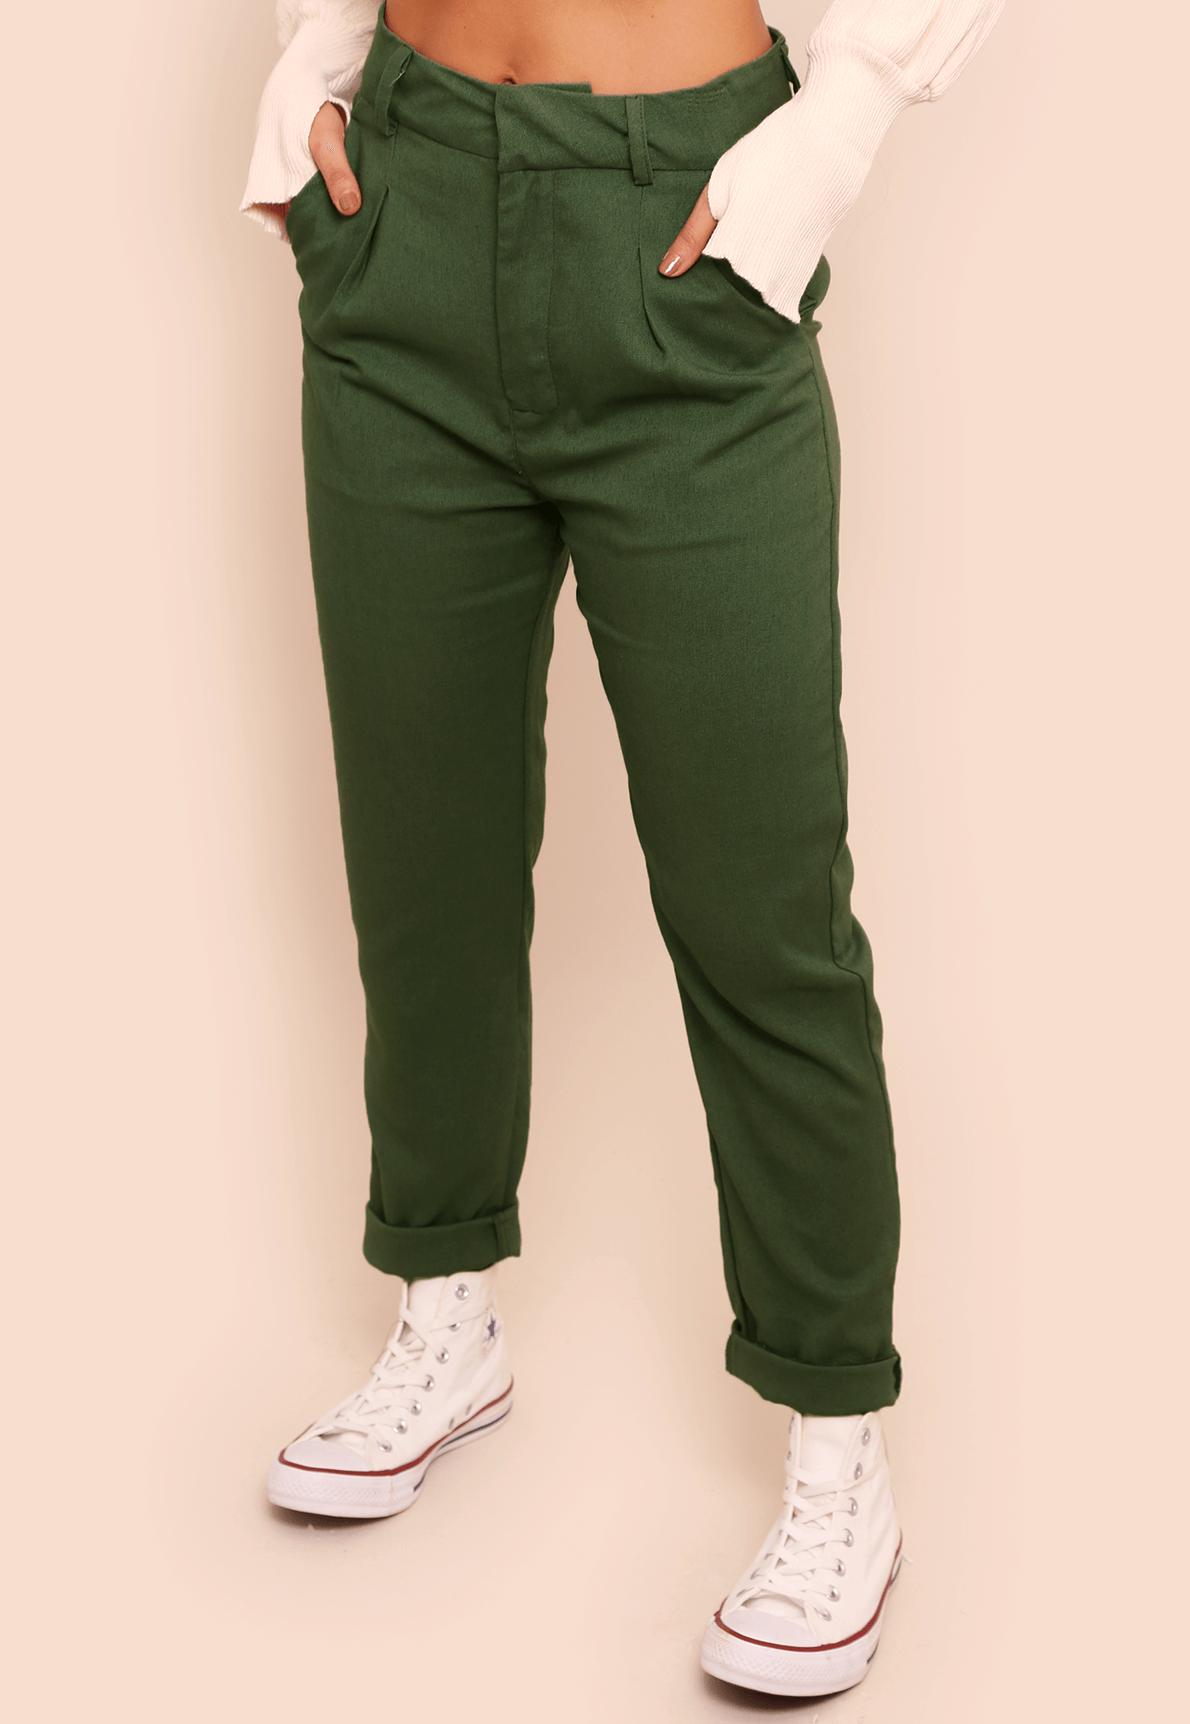 35556---calca-laila-verde-militar-mundo-lolita-02